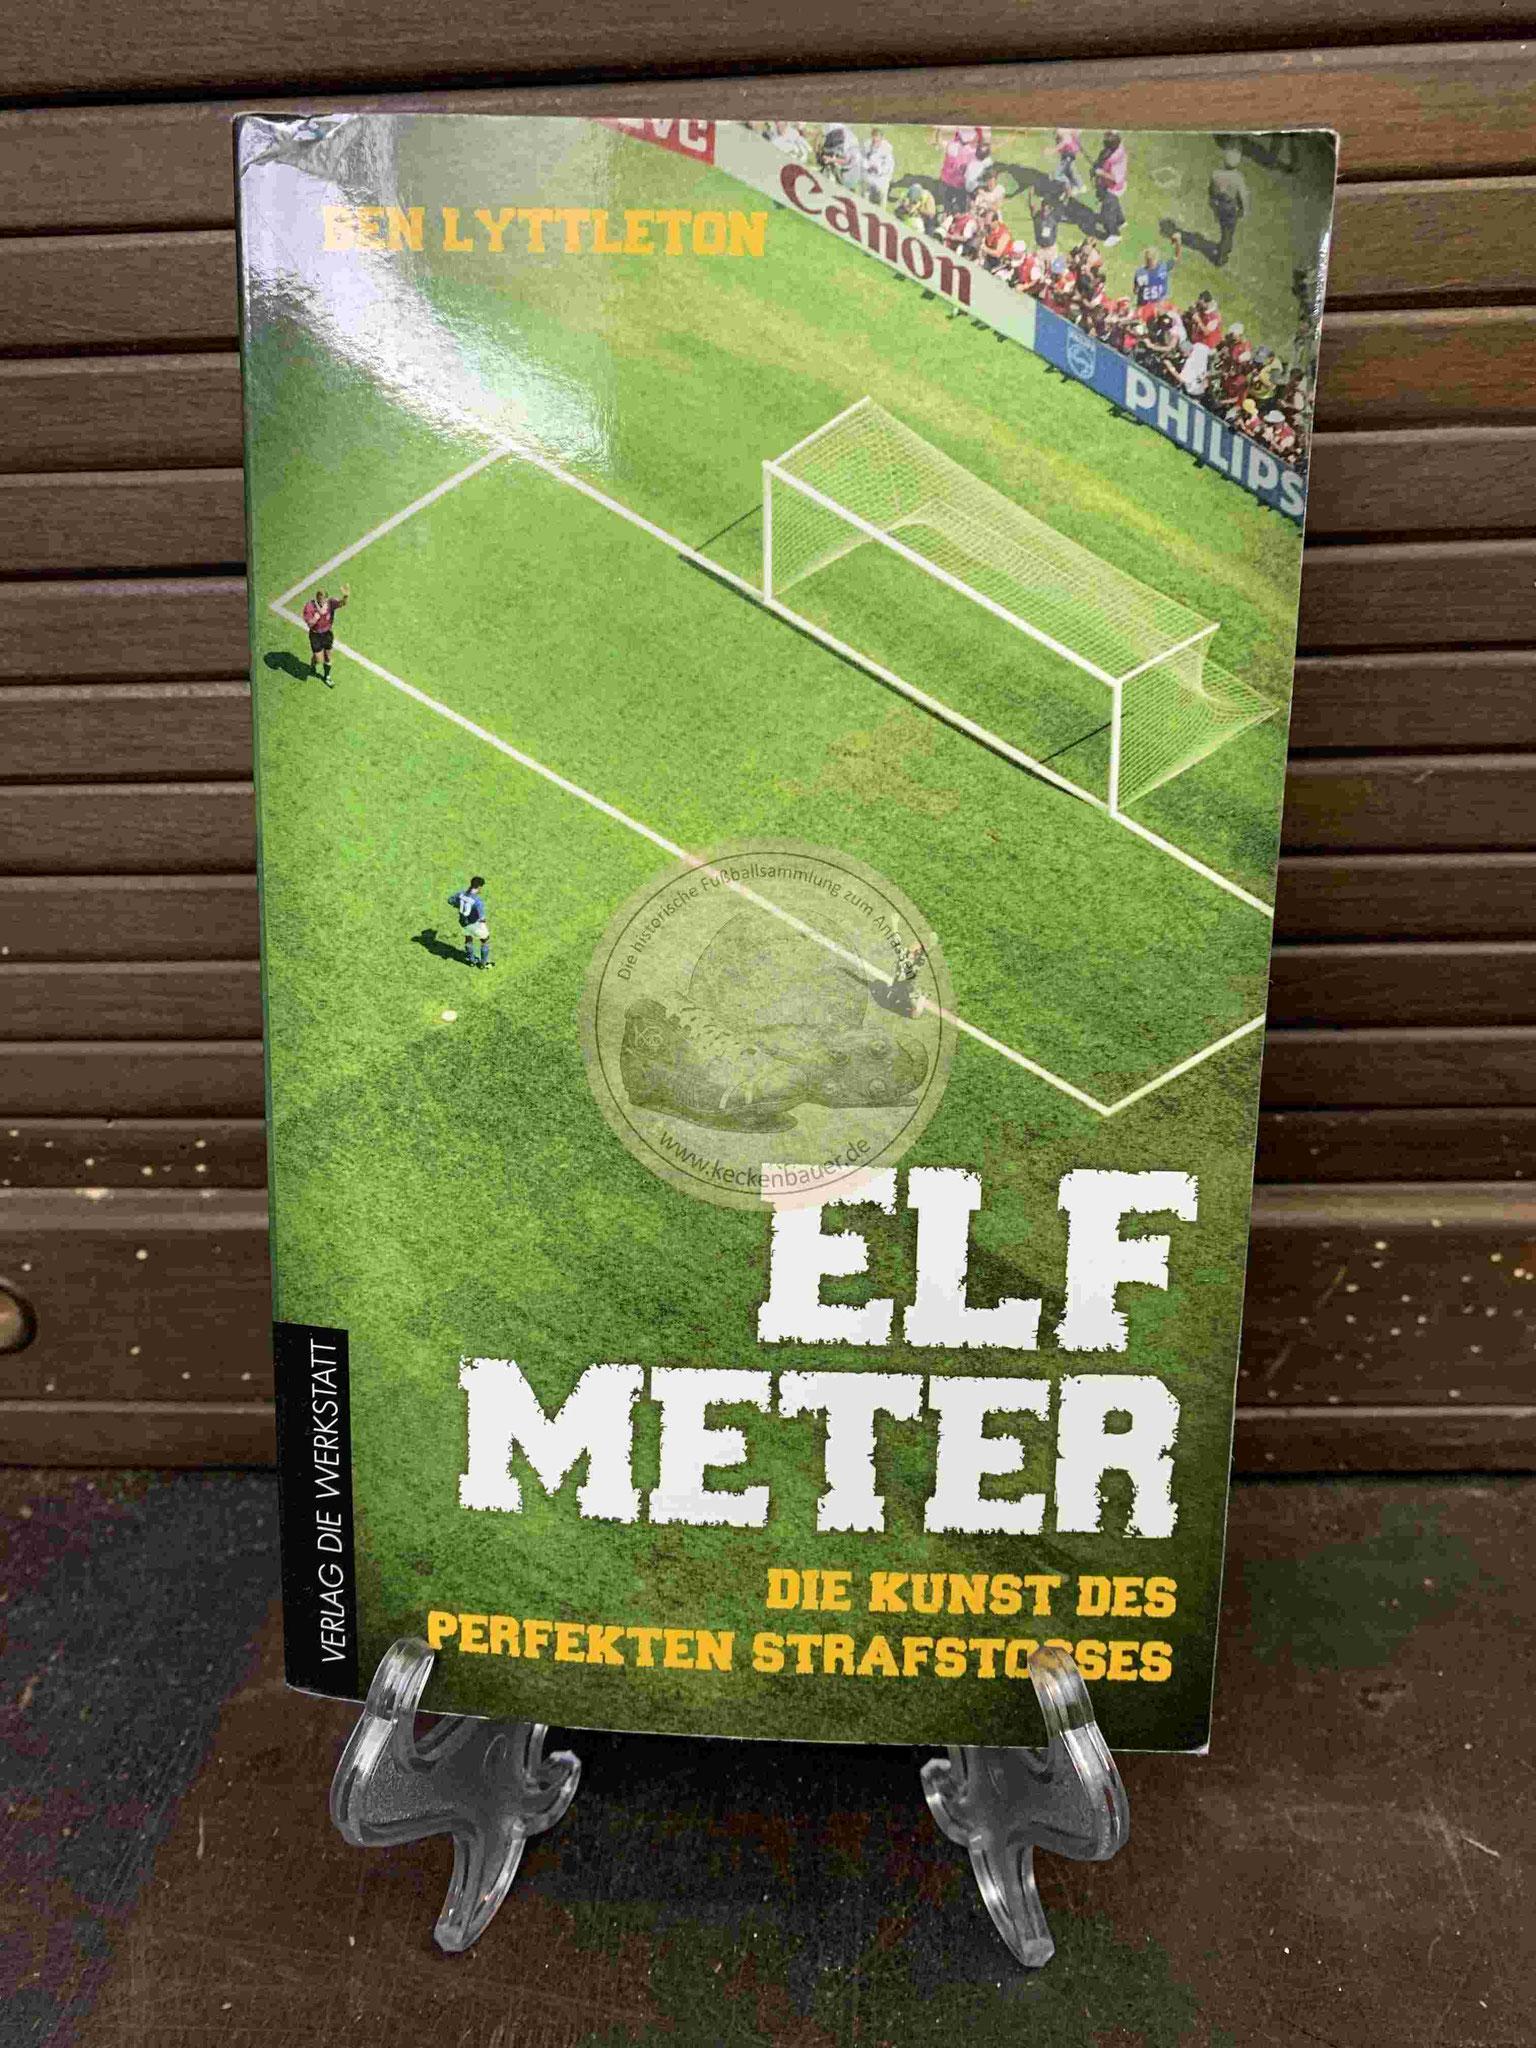 Ben Lyttleton Elf Meter Die Kunst des perfekten Strafstosses aus dem Jahr 2014